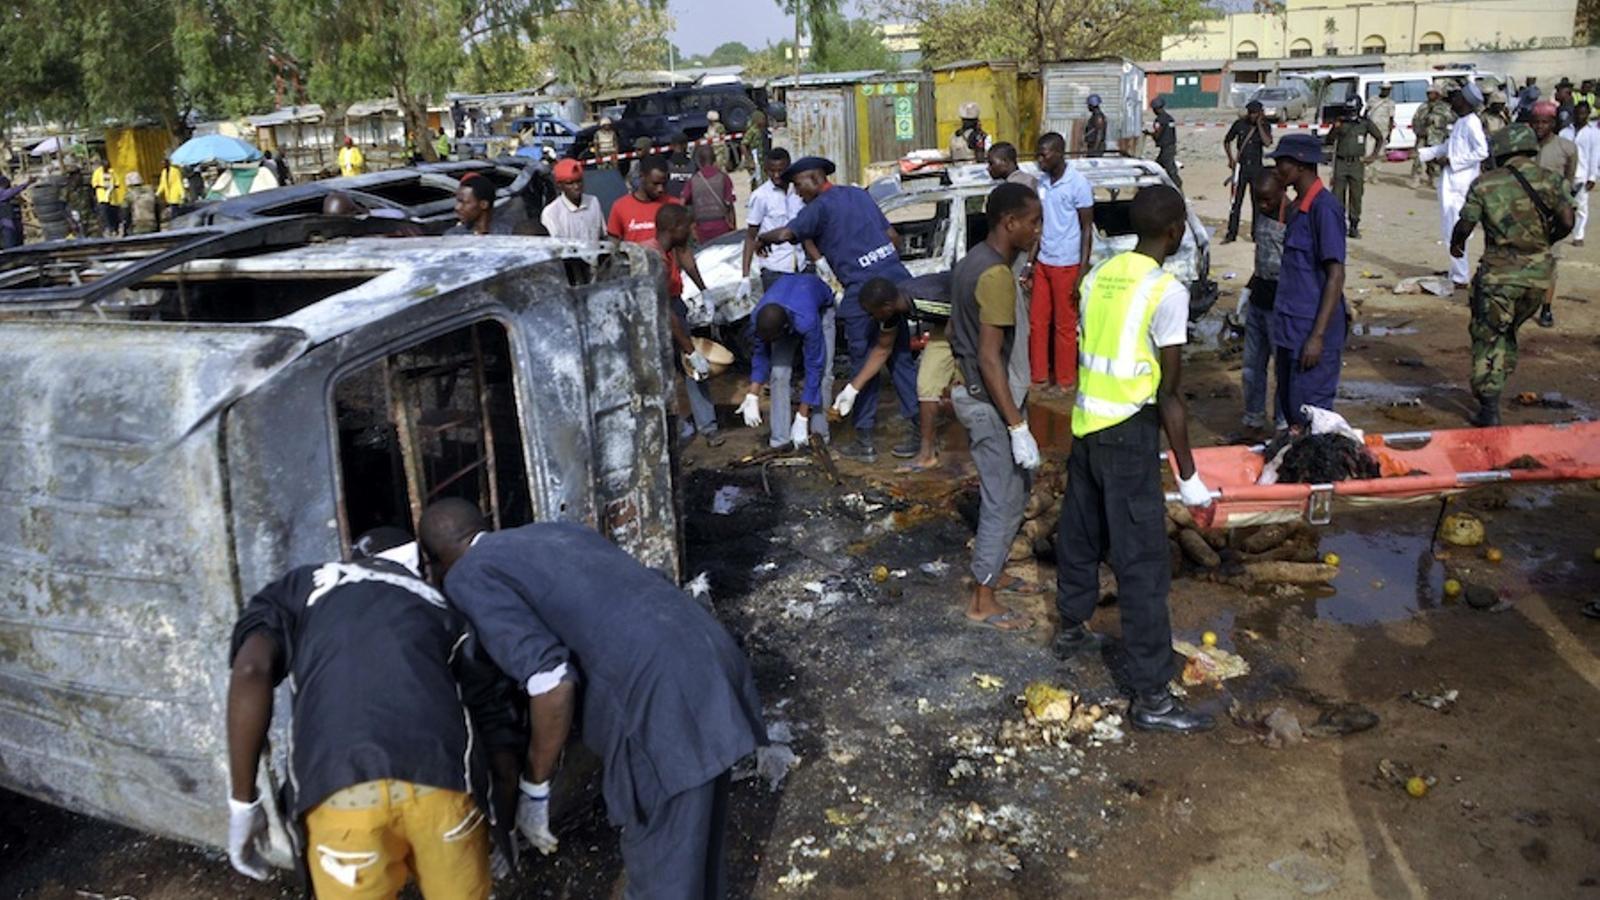 Atemptat suïcida a l'estació d'autobusos de Kano. REUTERS